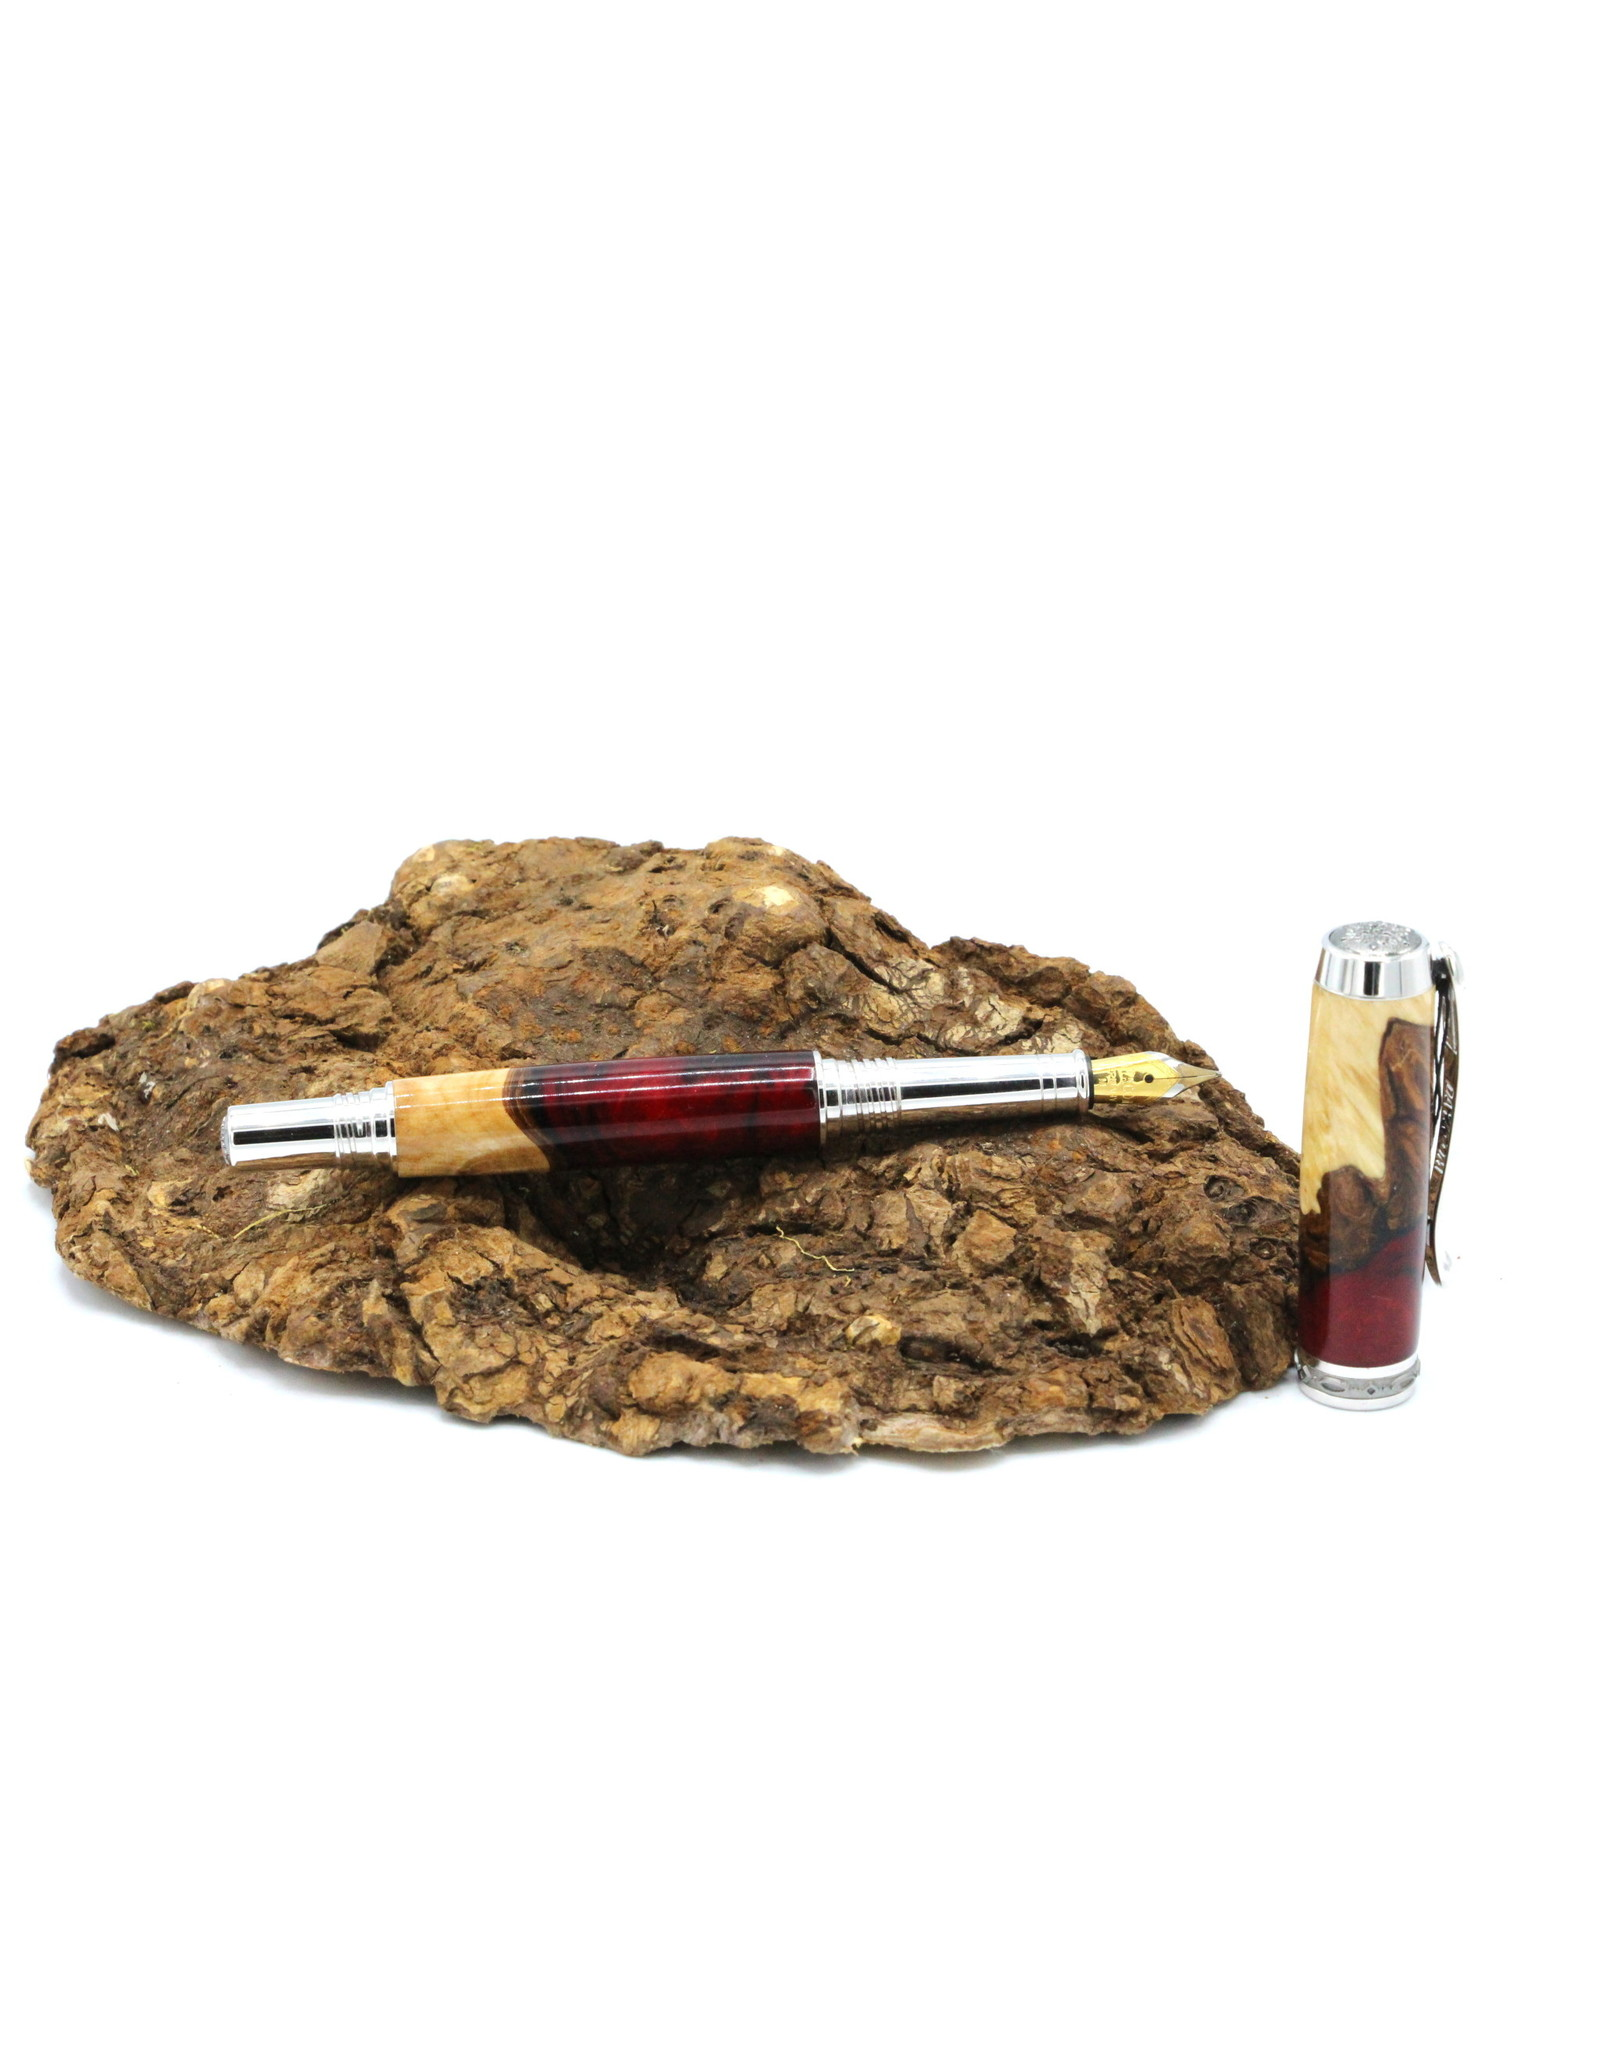 Maple Fountain Pen - Berezia Fusion Red Chrome